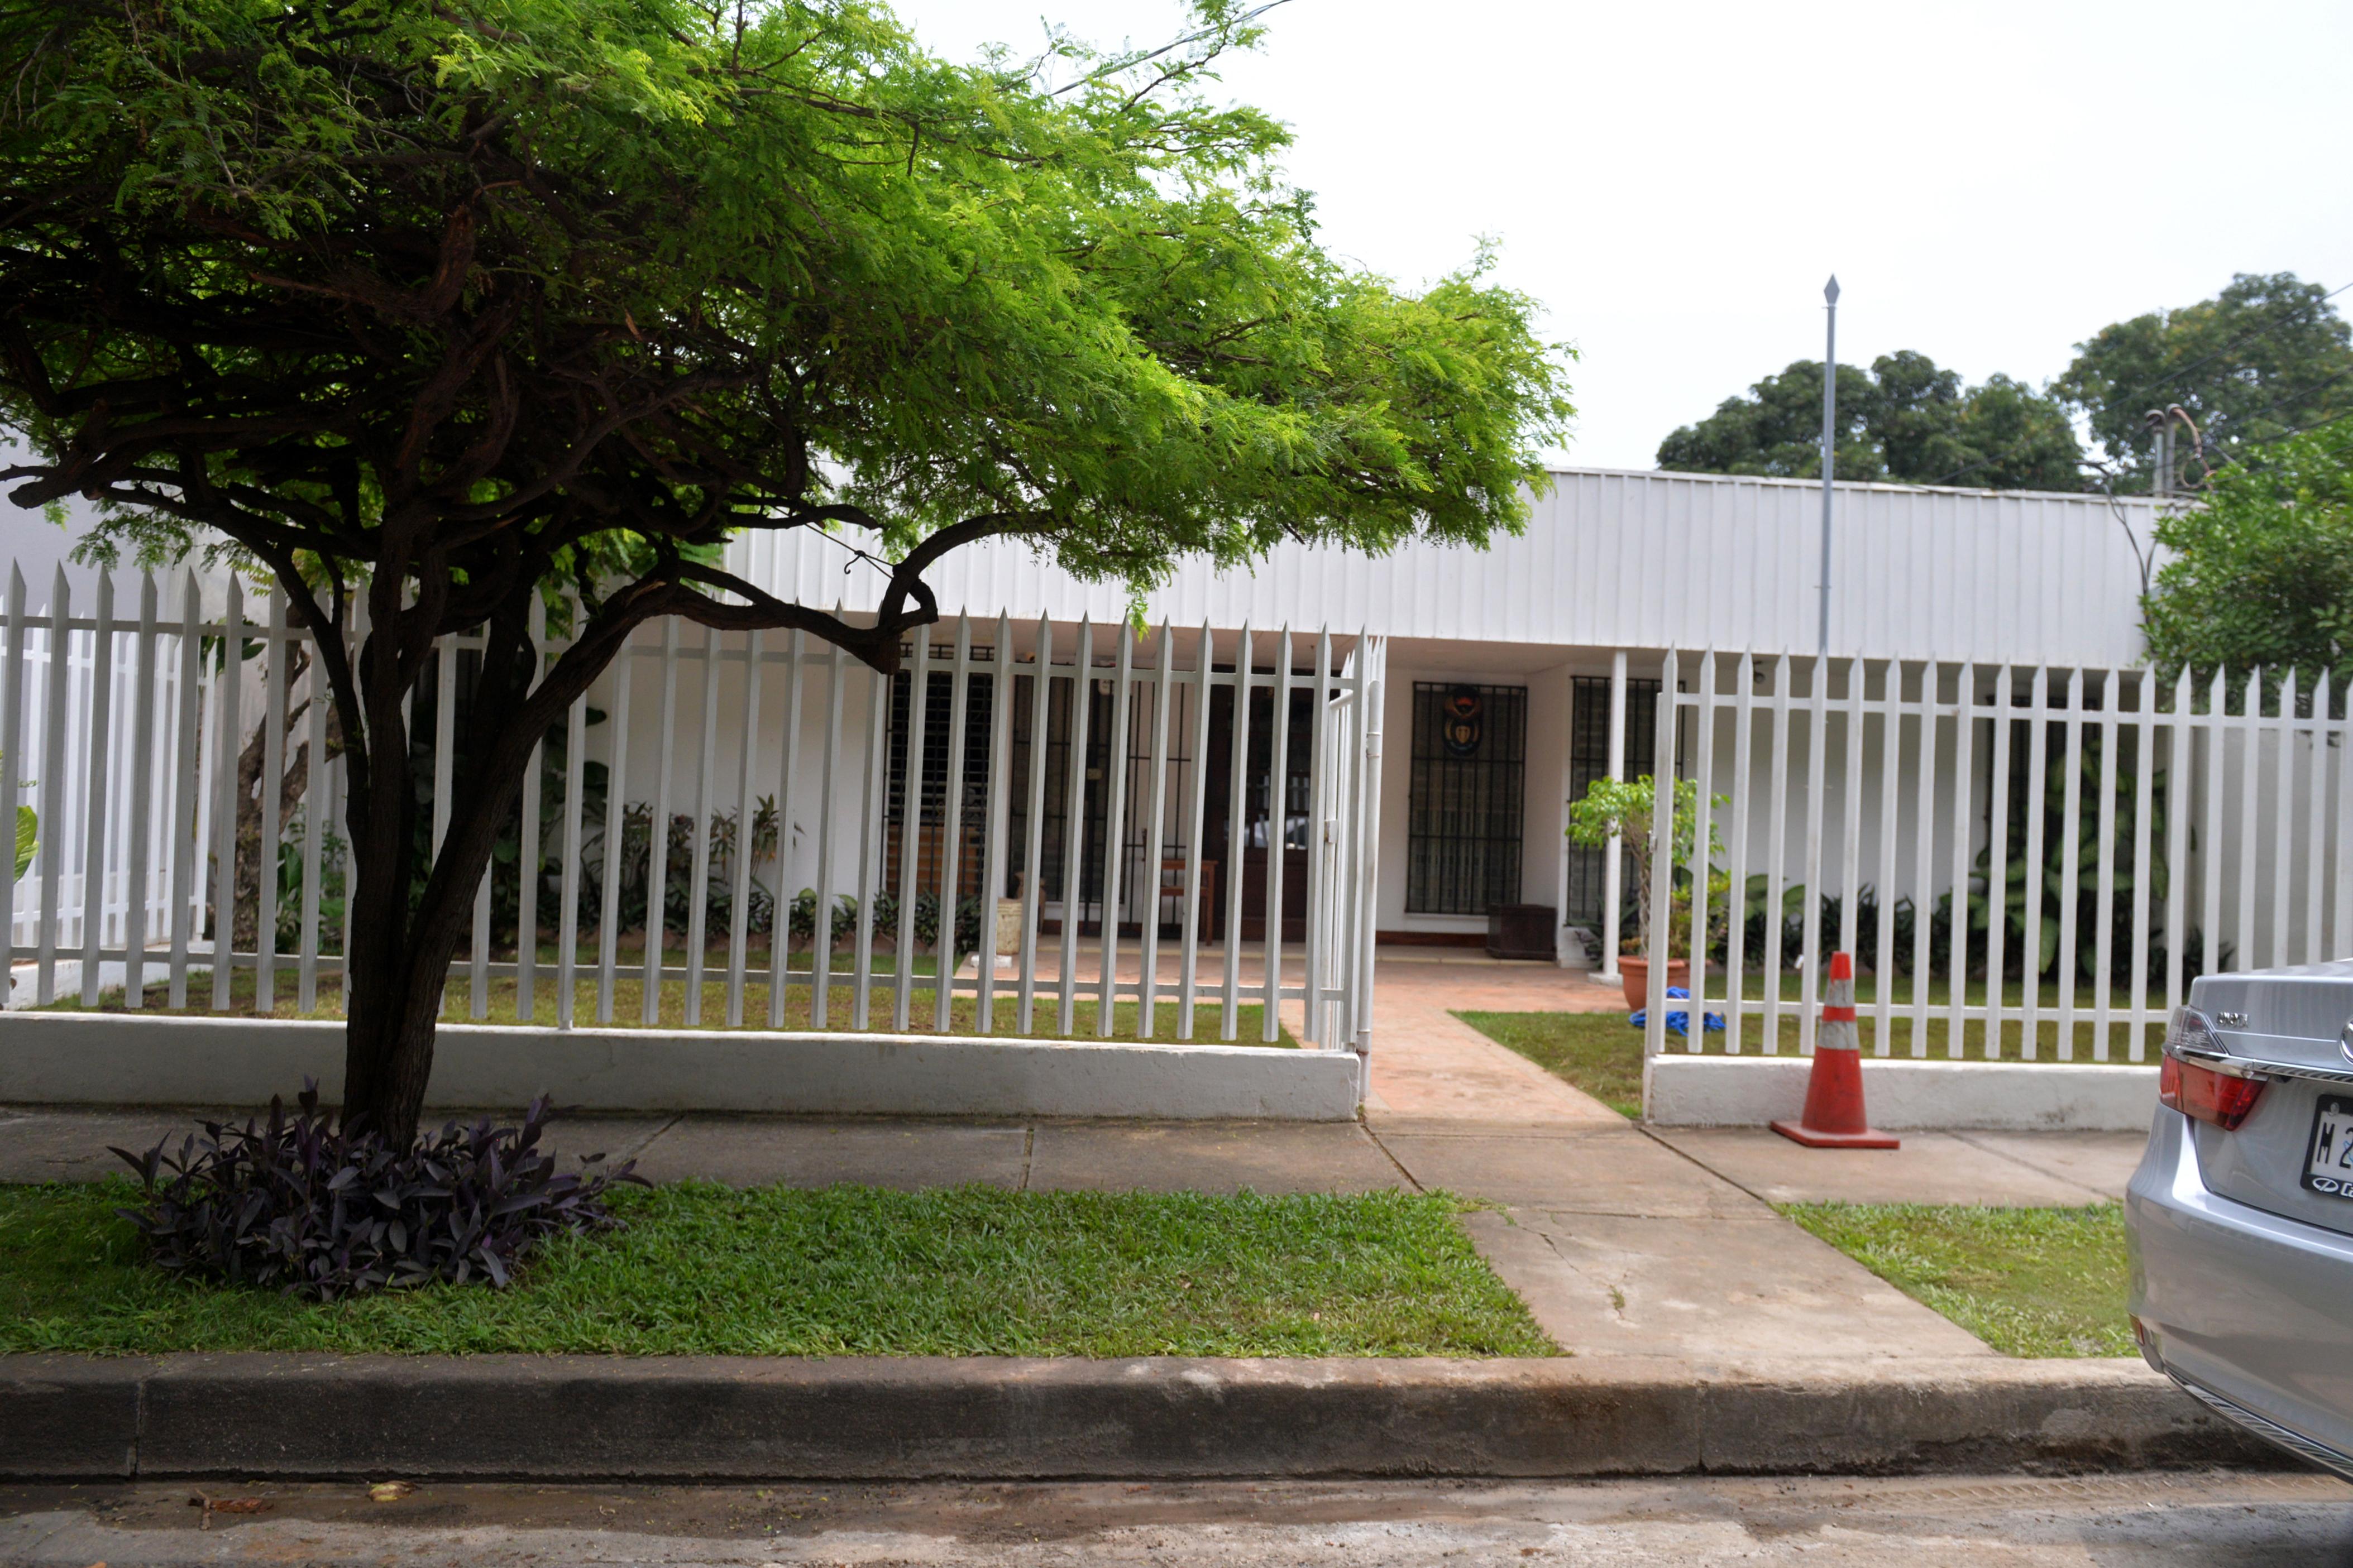 Las oficinas del Centro Corporativo Santo Domingo están ubicadas en Lomas de Guadalupe, en el centro de Managua. Ahí están las oficinas del abogado Otto López Okrassa, uno de los socios. LA PRENSA/JADER FLORES